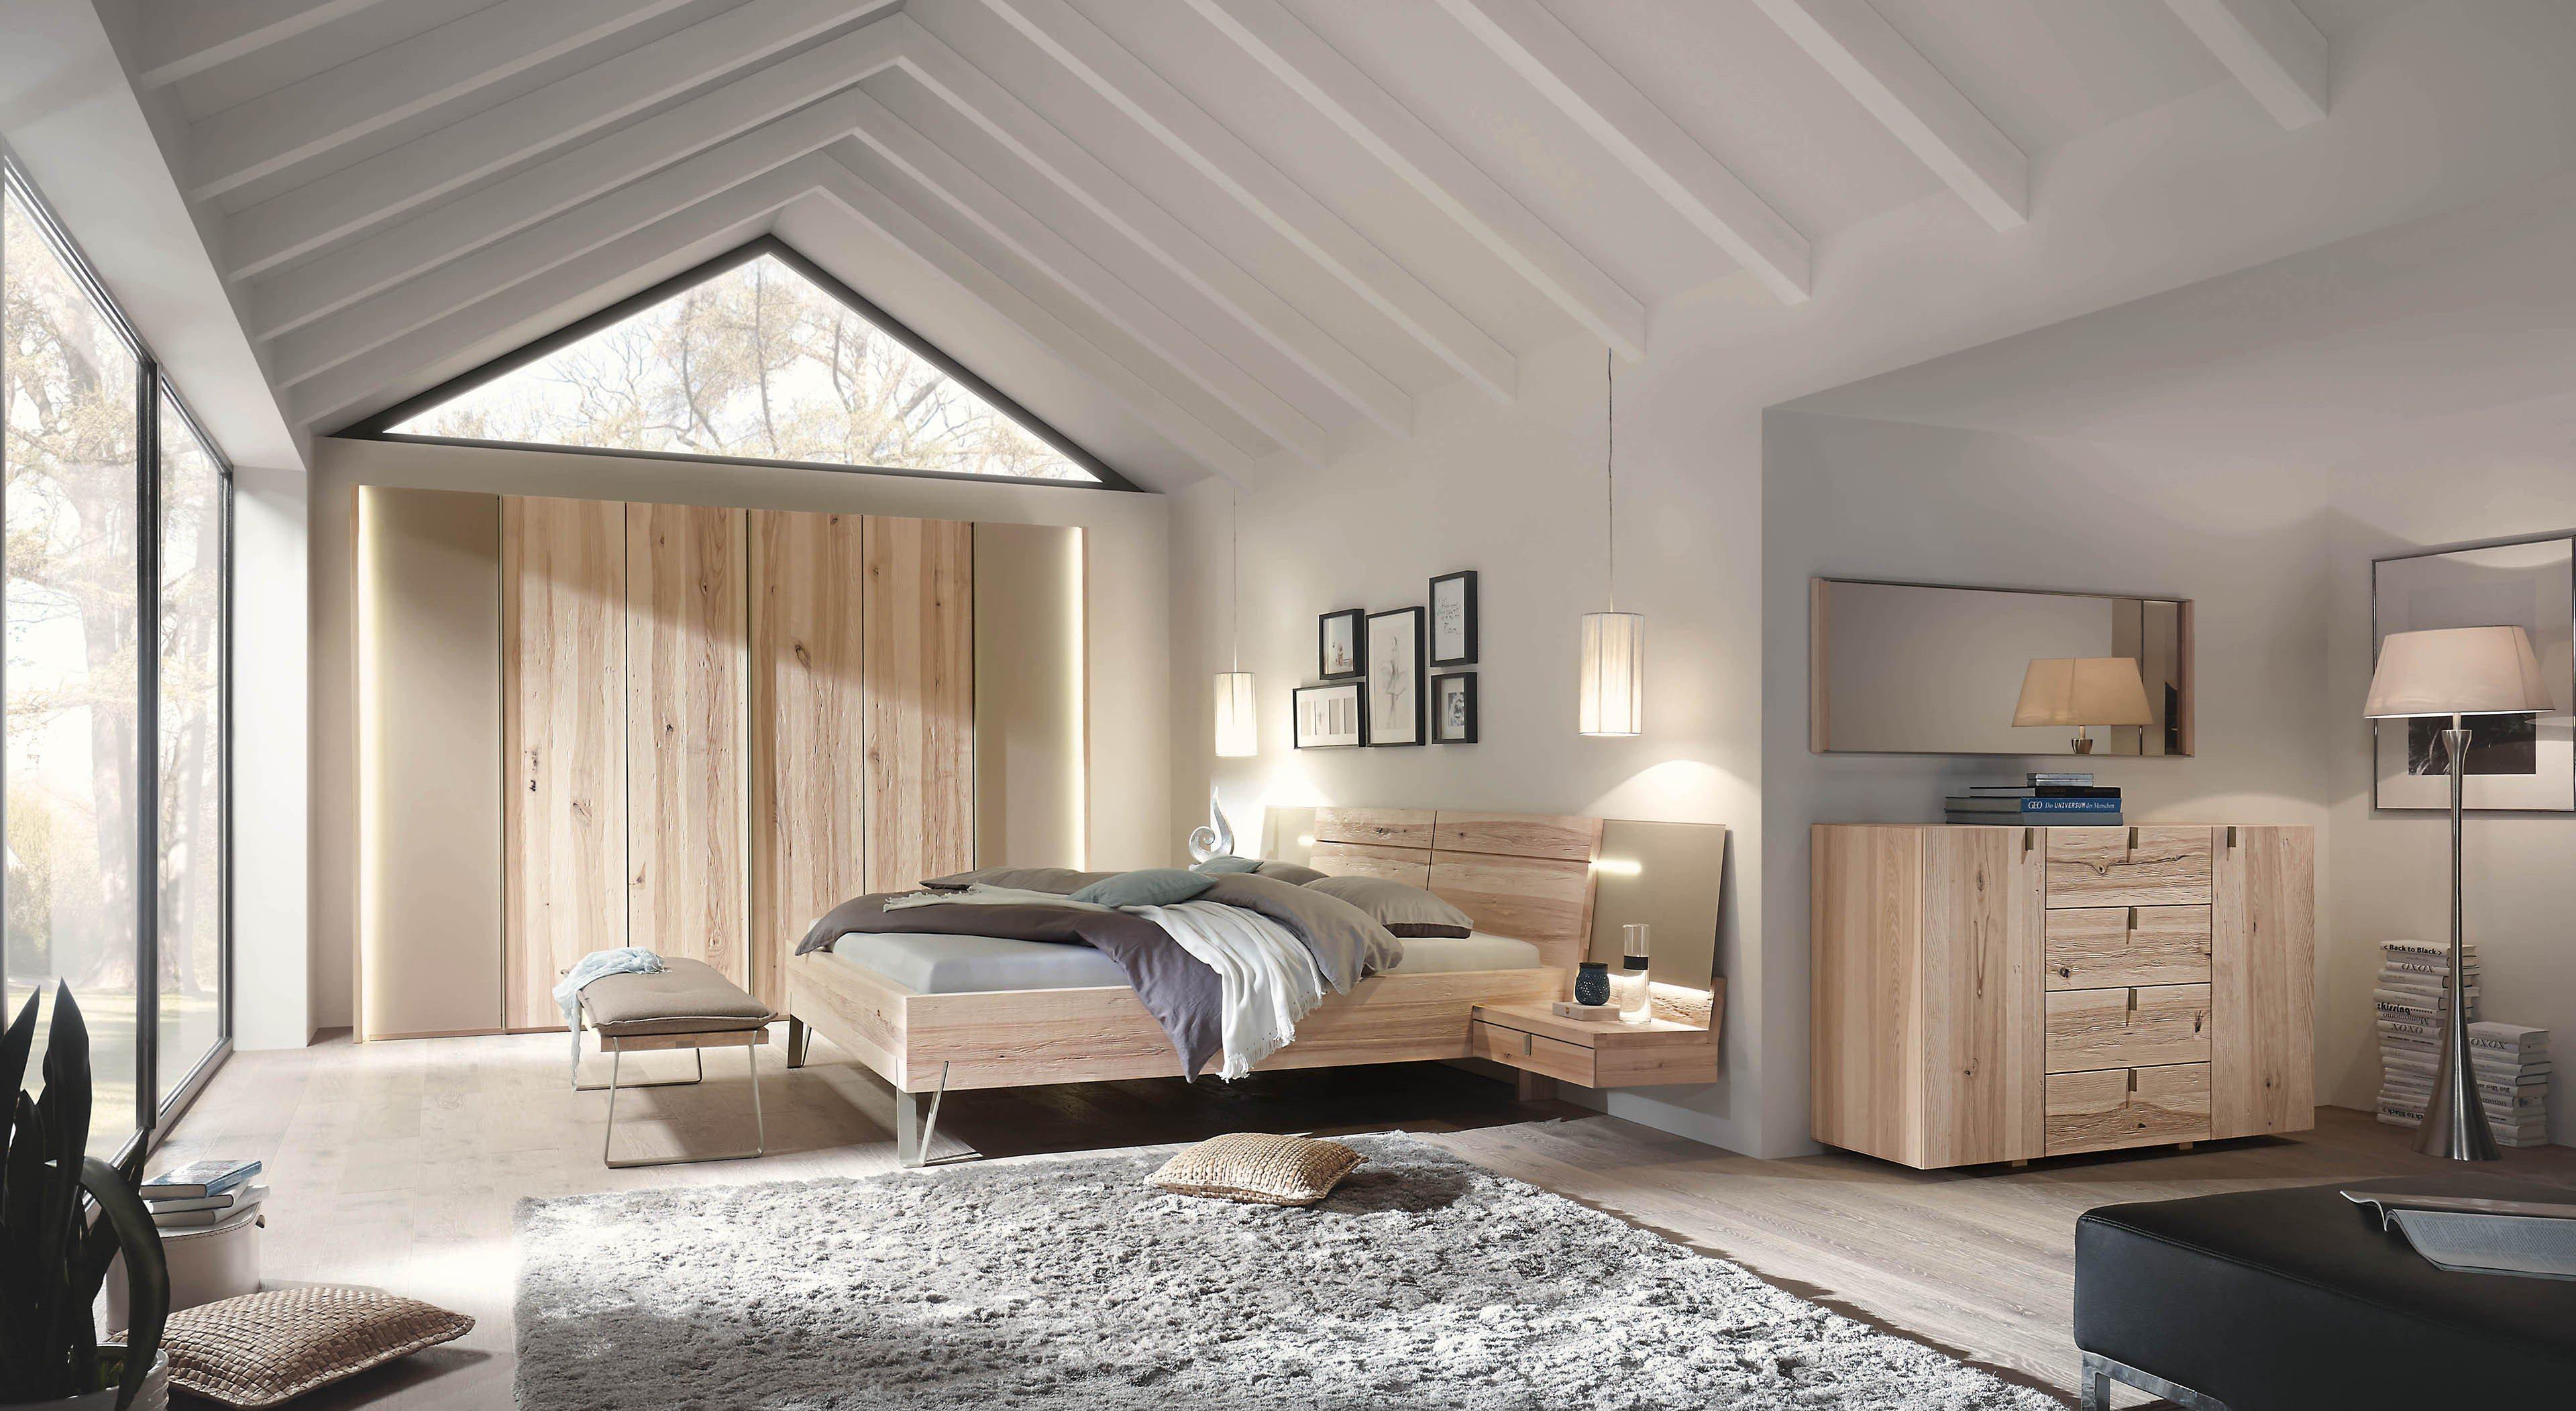 thielemeyer komplett-schlafzimmer cubo wildesche | möbel letz, Schlafzimmer entwurf